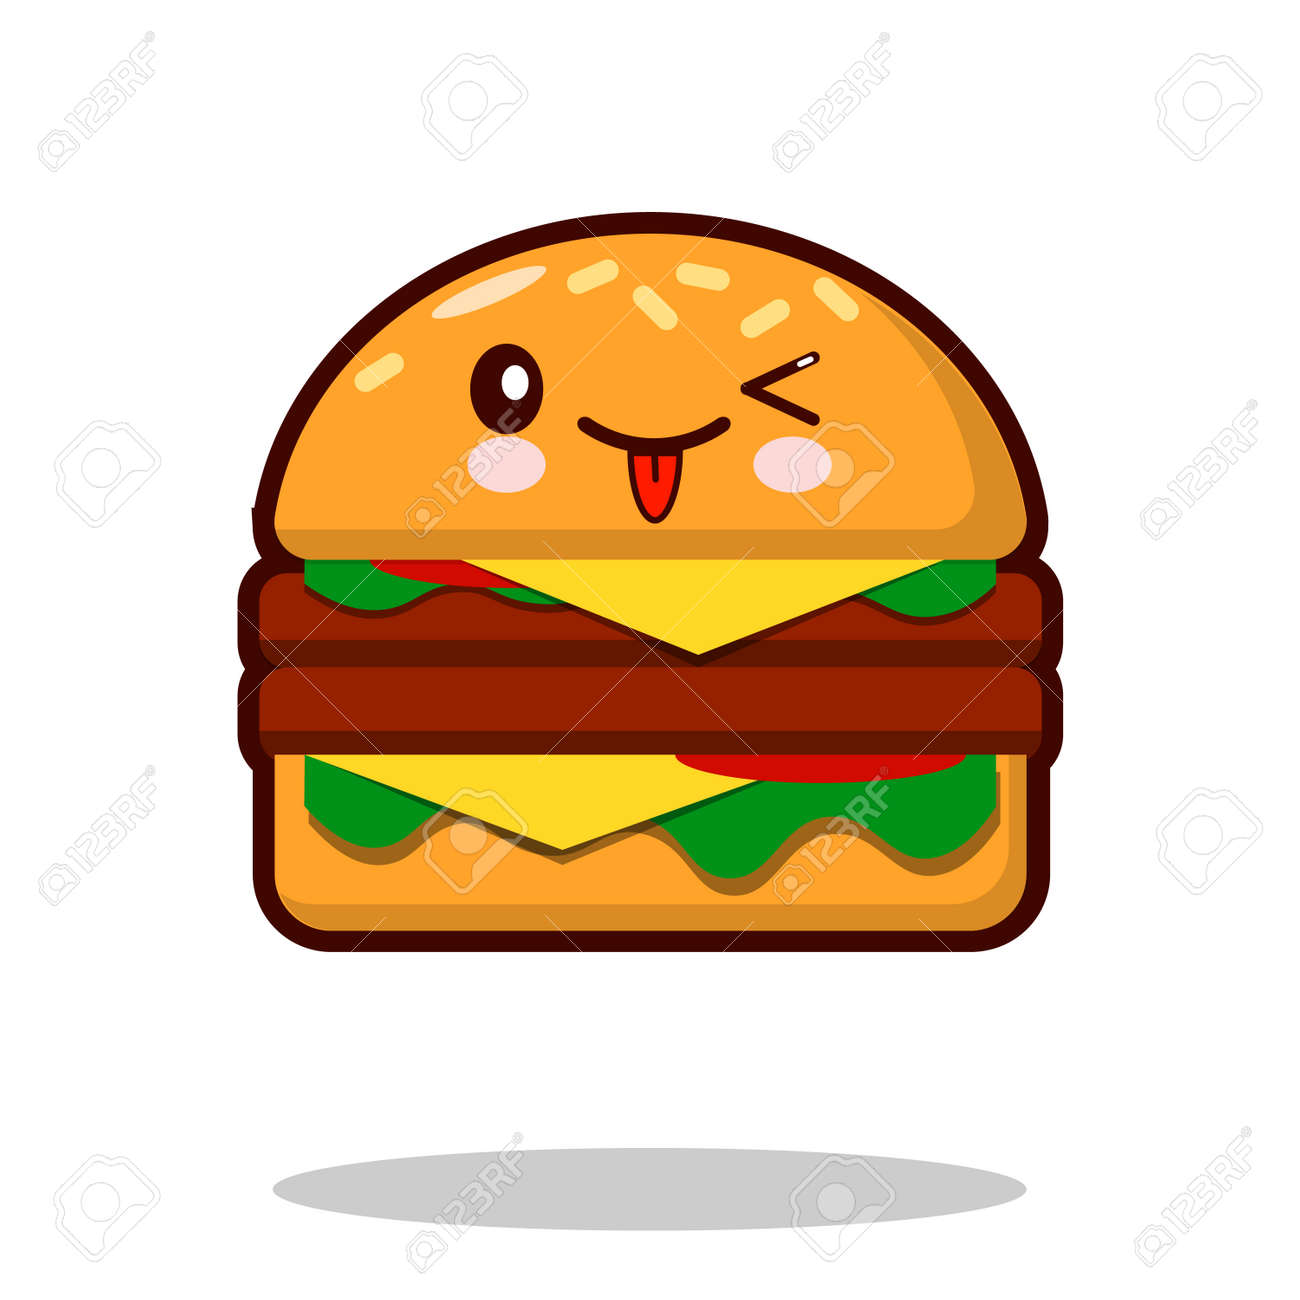 ハンバーガー漫画キャラクター アイコンかわいいファーストフード